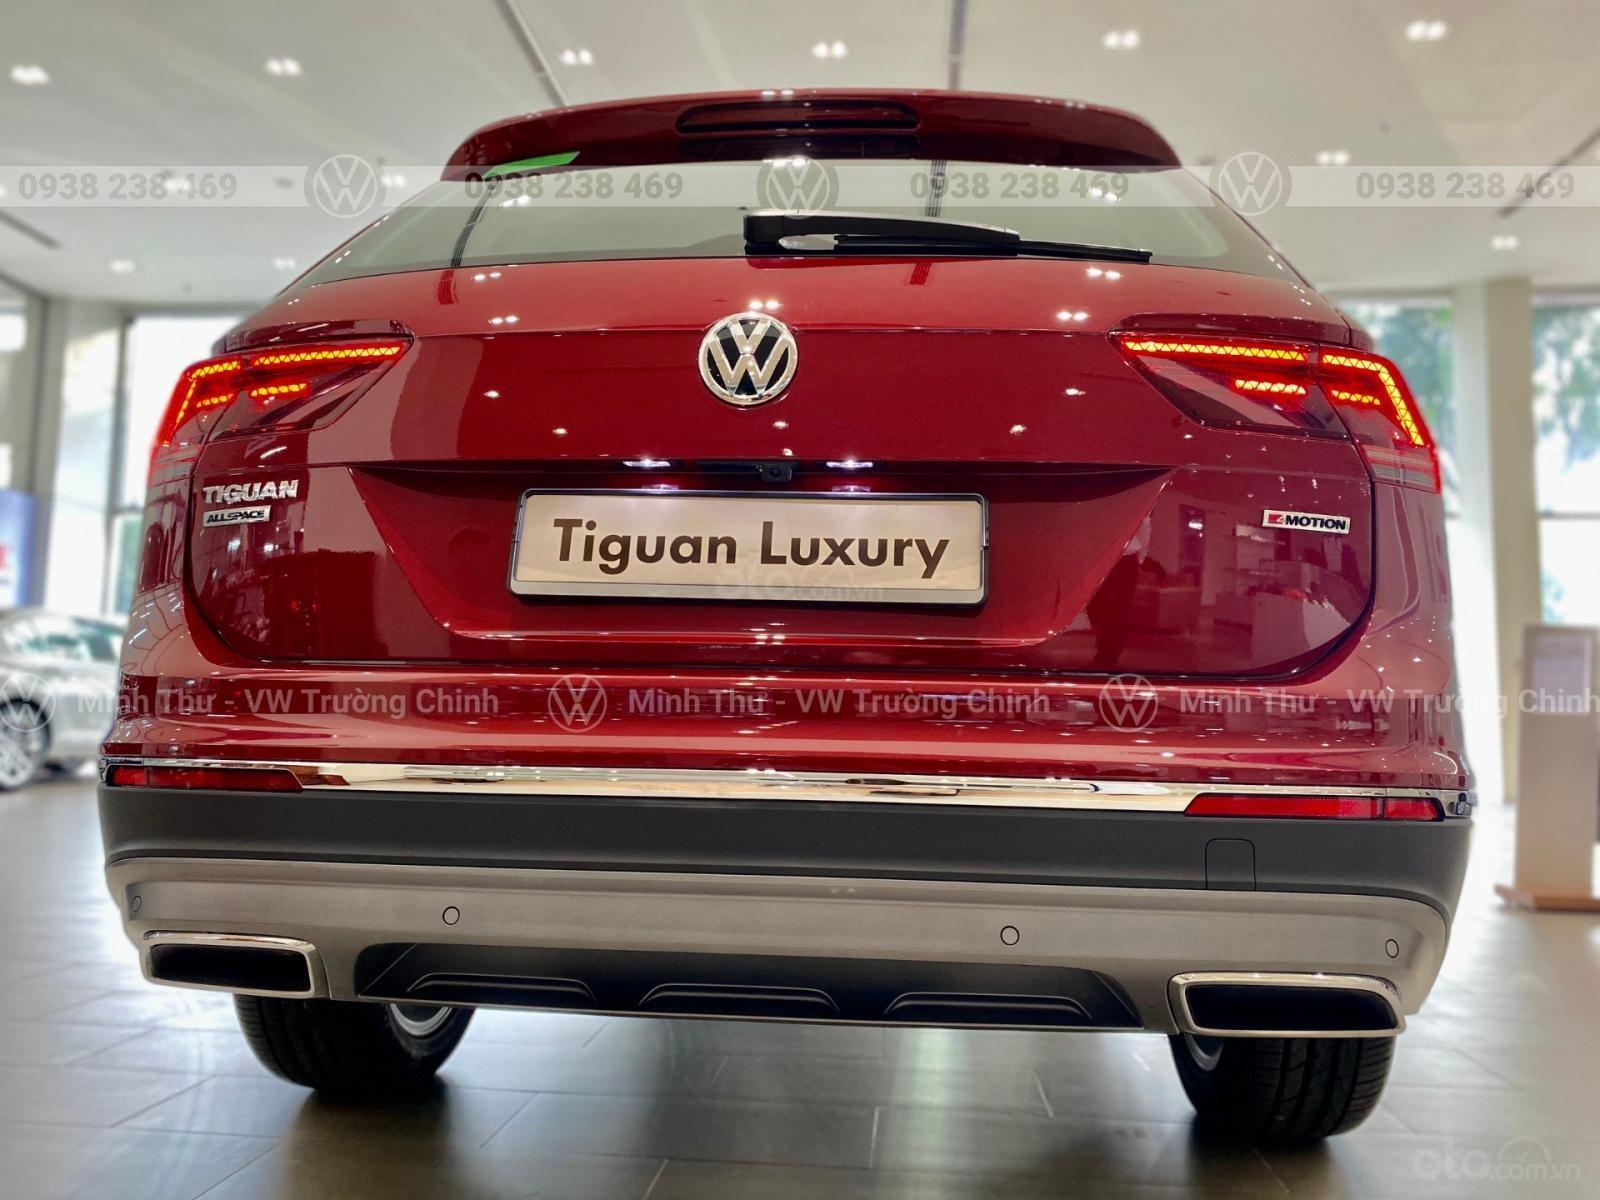 Cập nhật bảng giá xe + chương trình khuyến mãi tháng 10 Tiguan Luxury và Luxury S, liên hệ Minh Thư vw Sài Gòn (8)